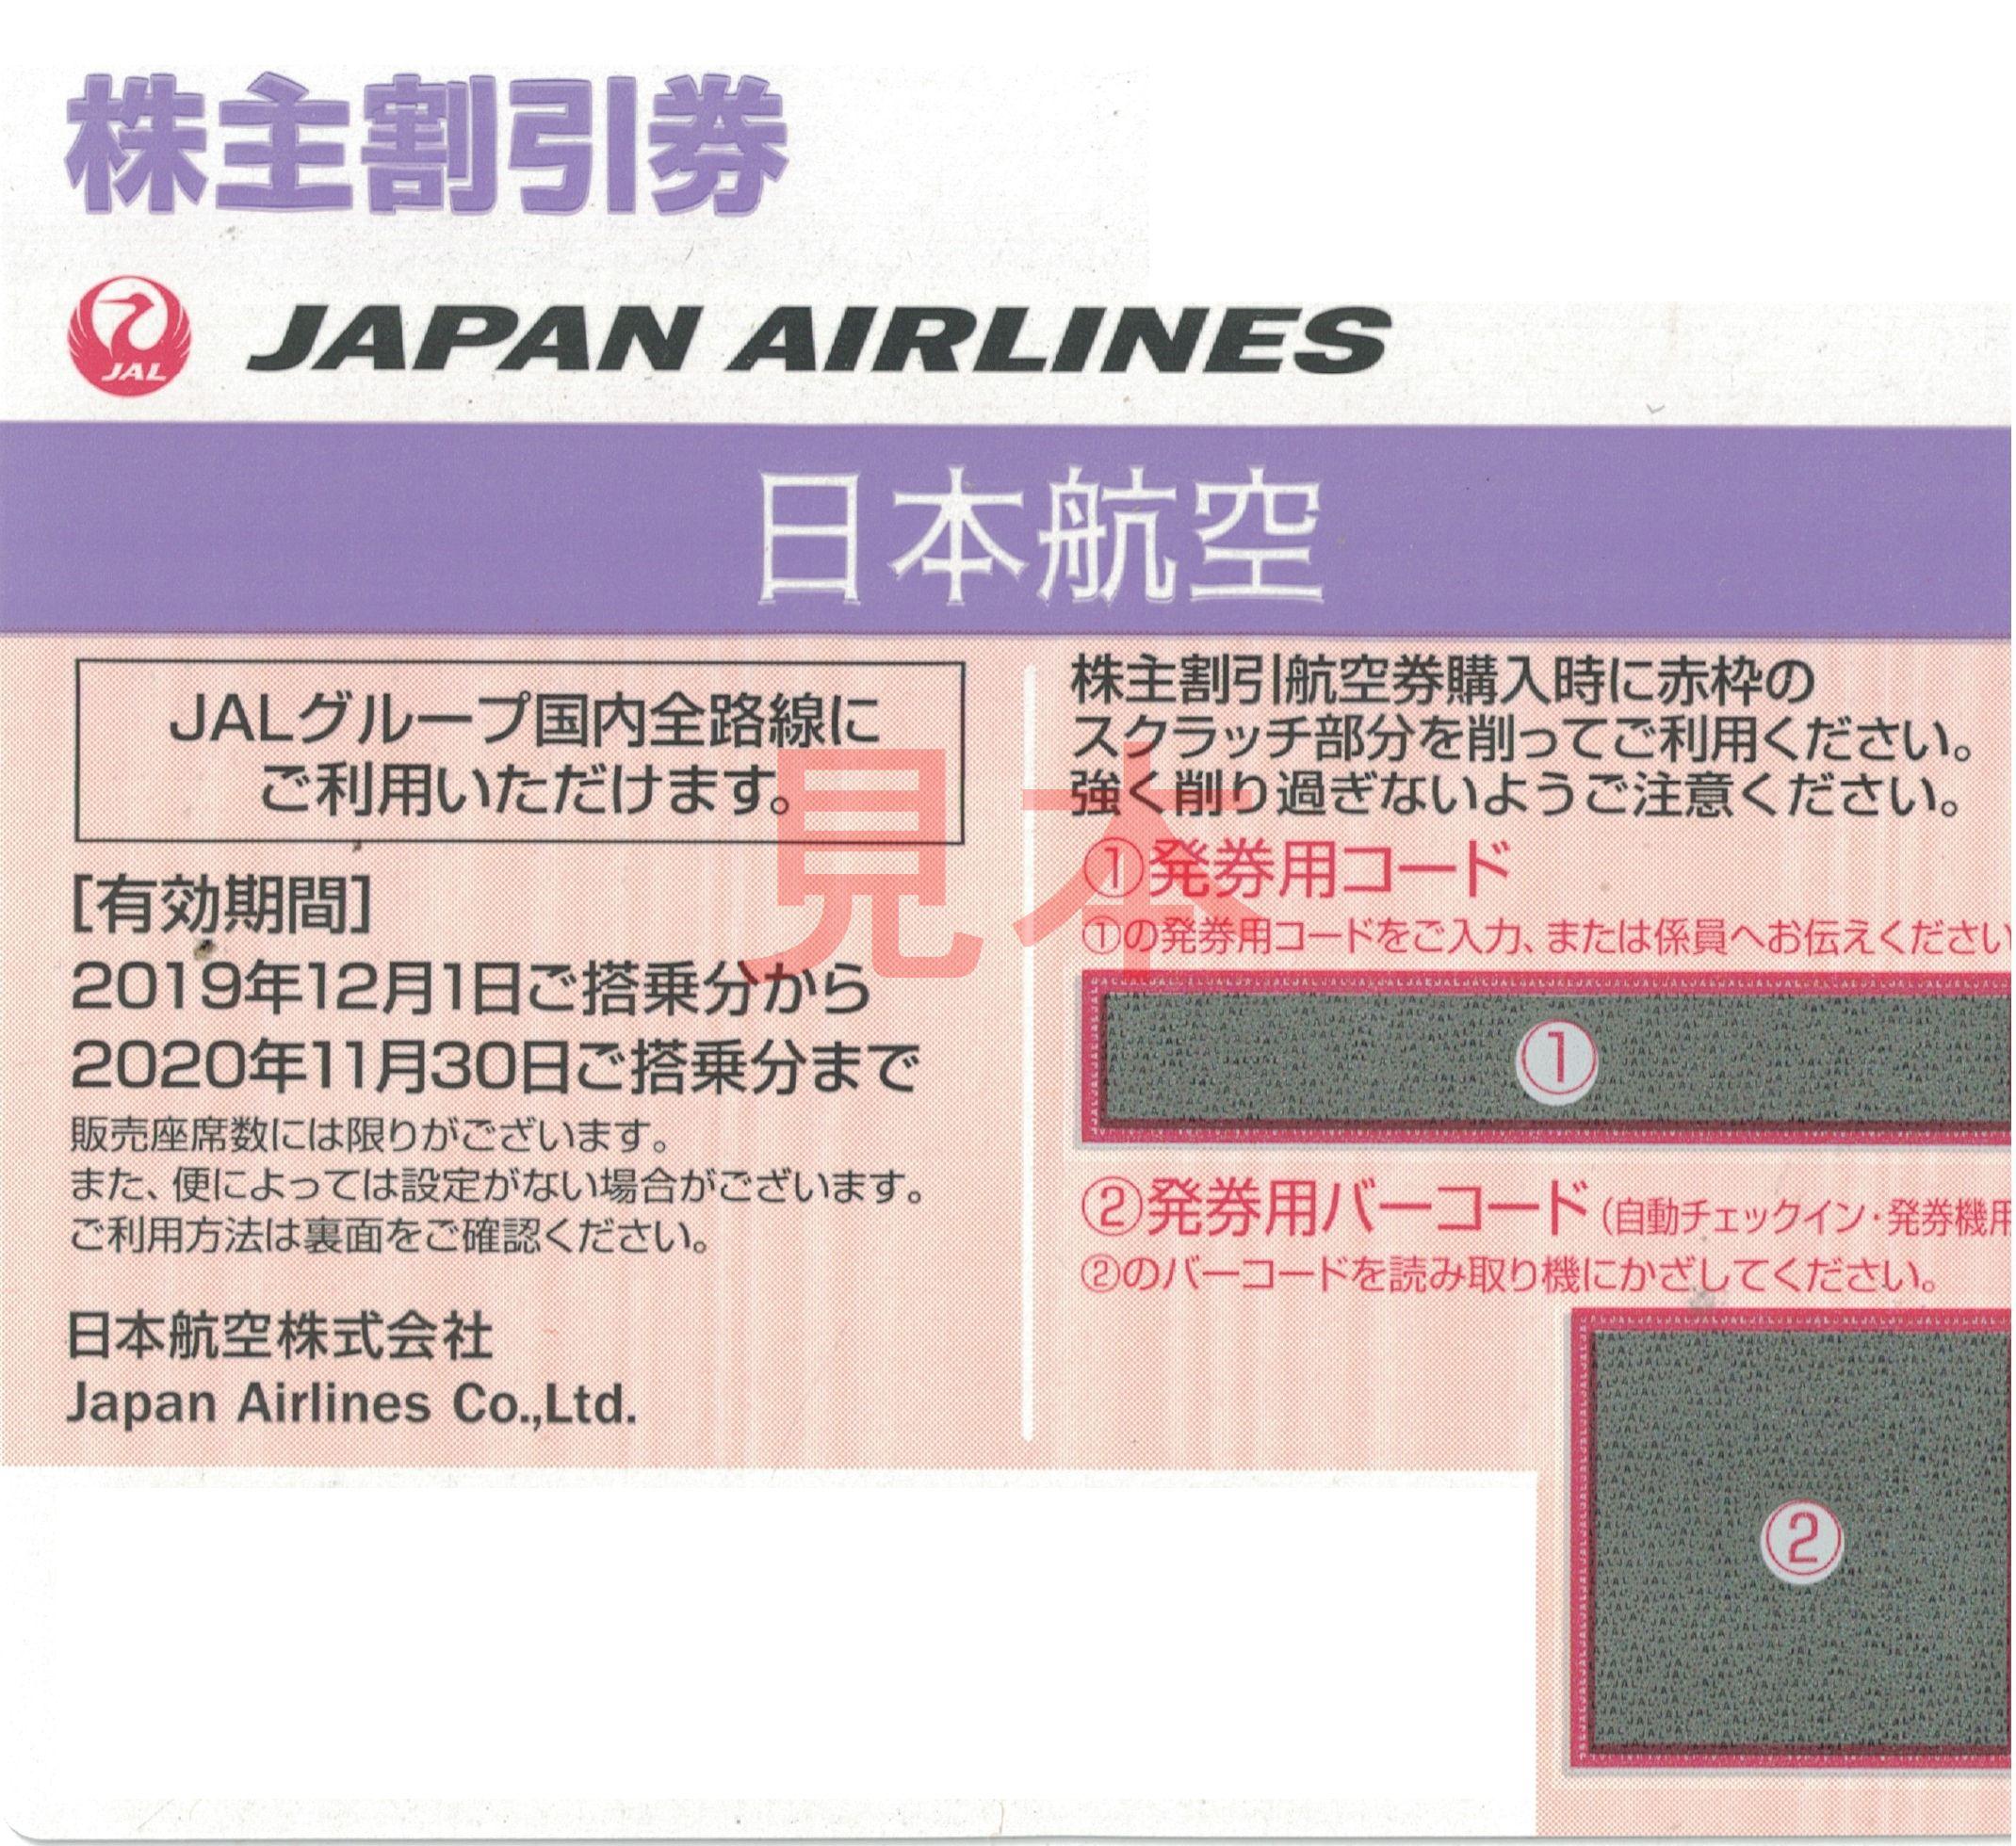 商品名「株主優待券JAL(日本航空)~2020/11/30」